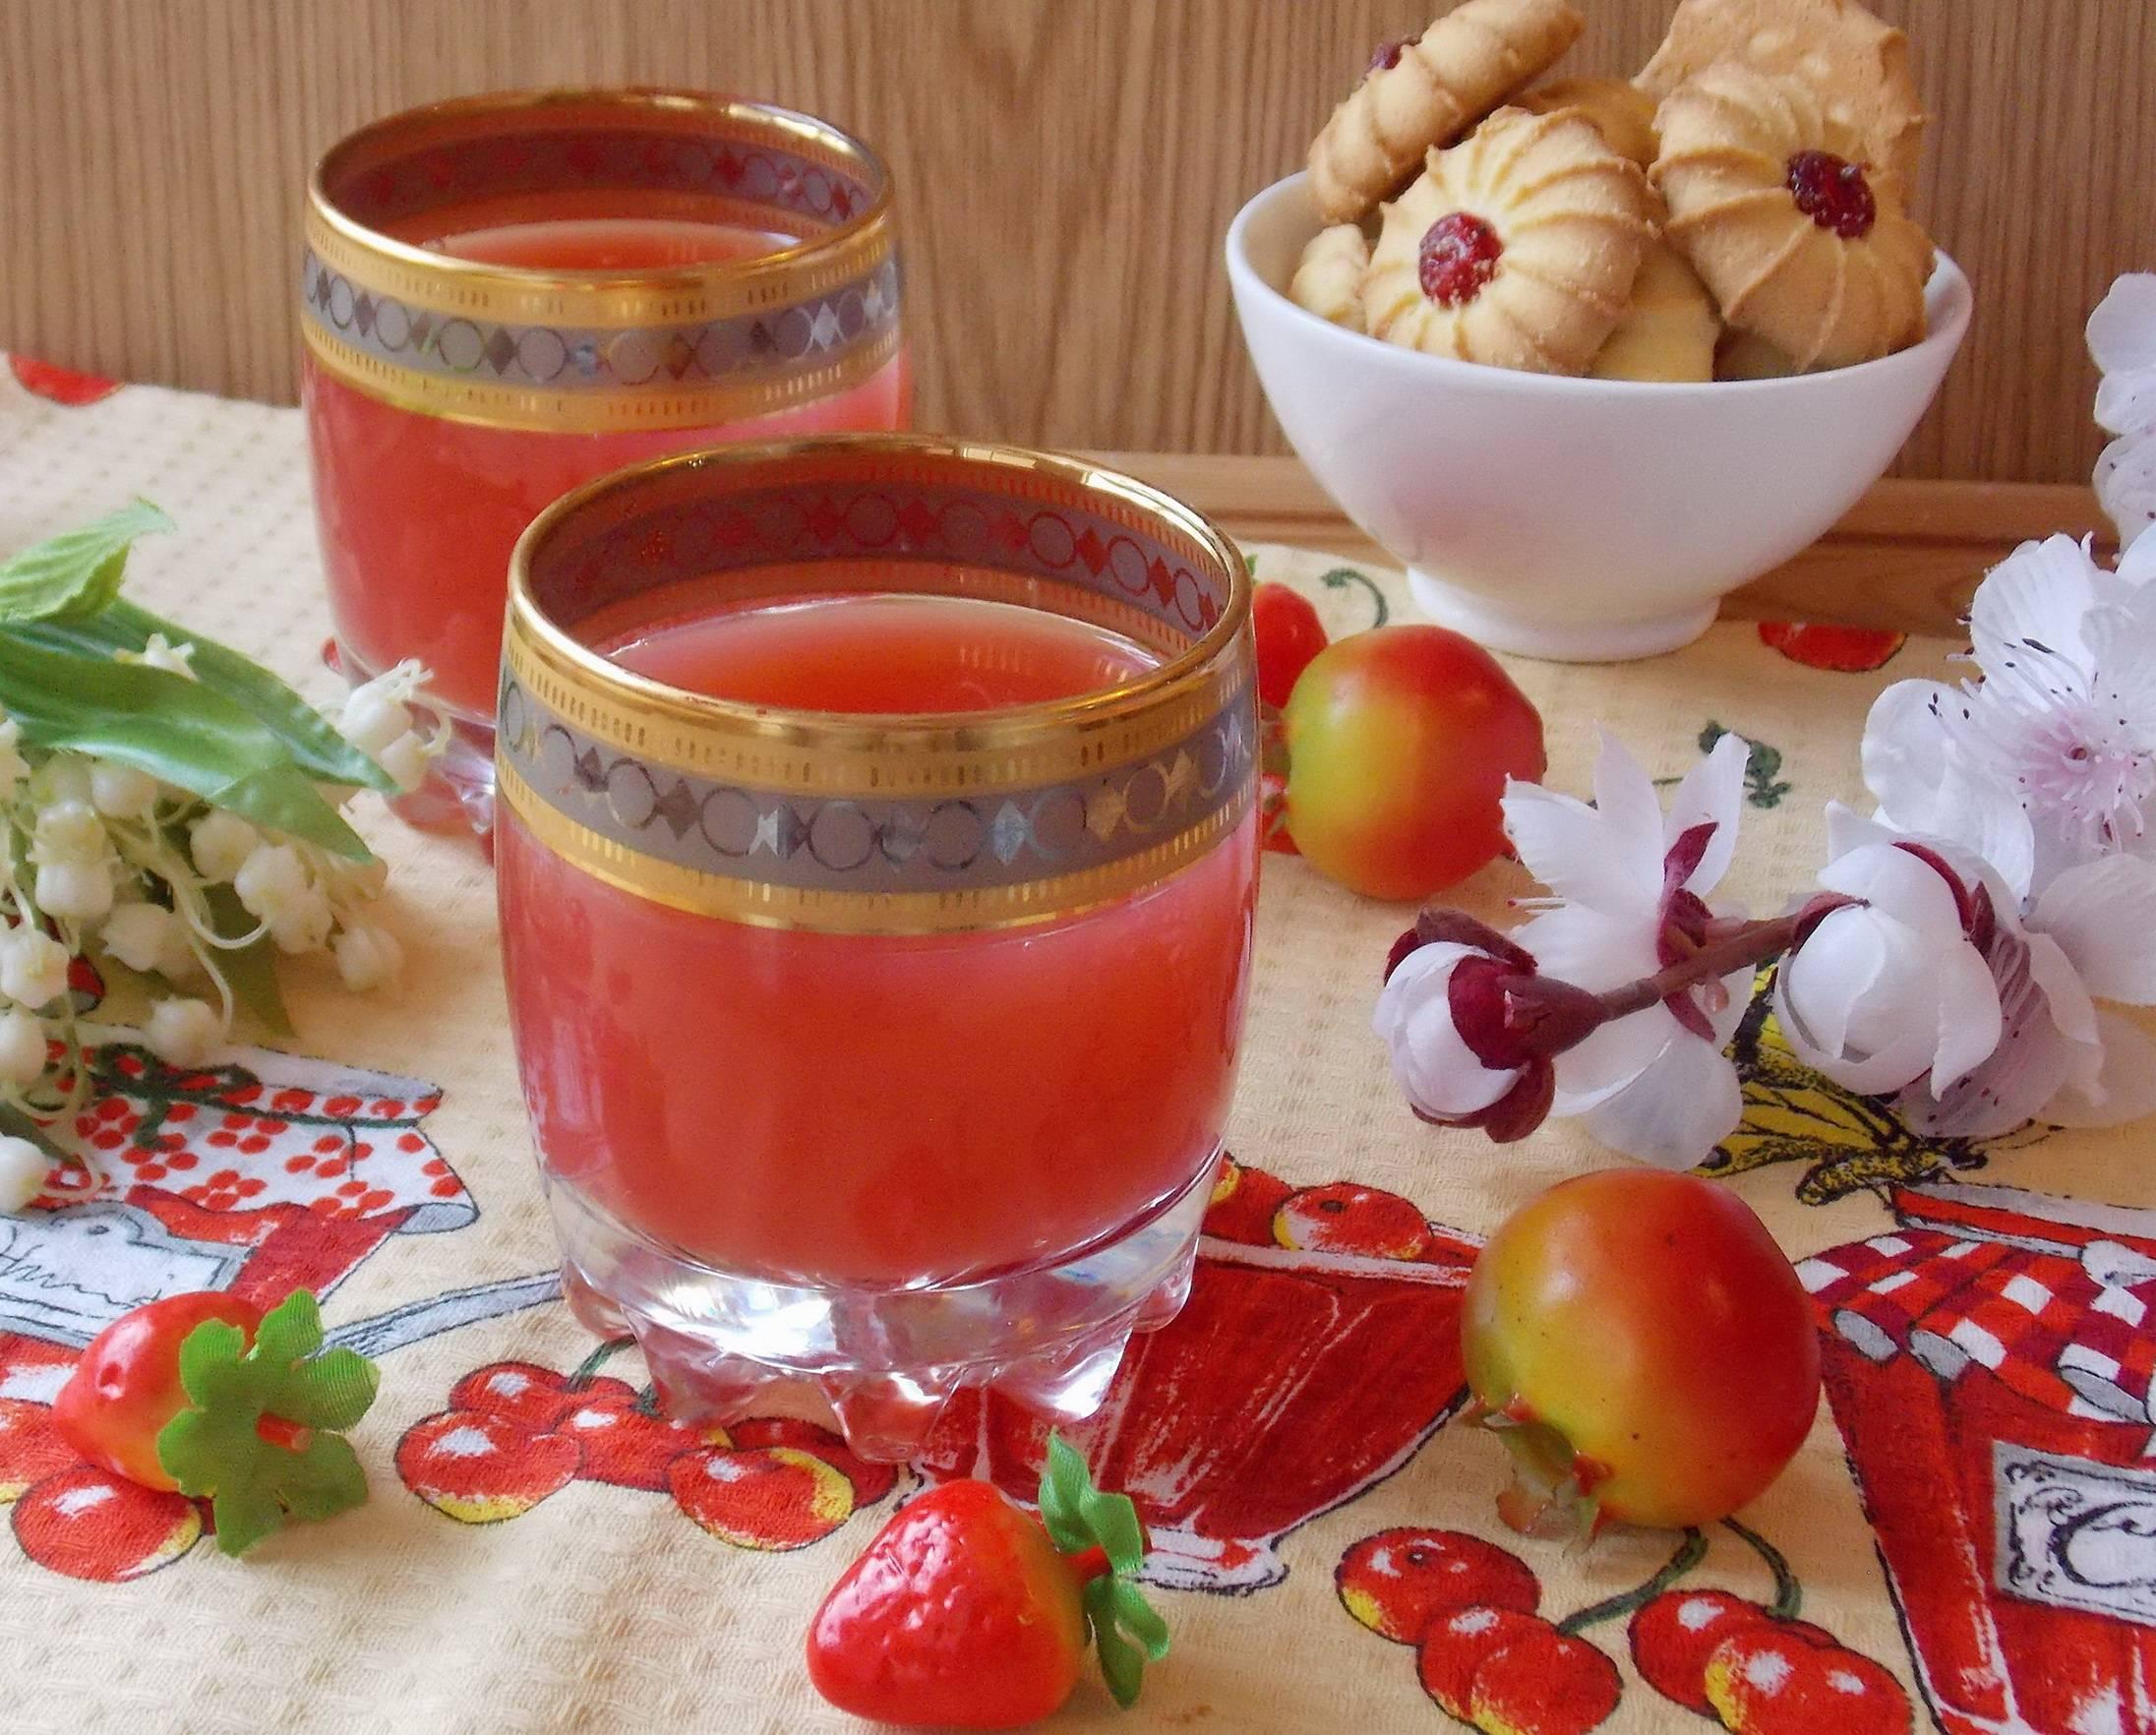 Кисель из брусники (замороженной и свежей), рецепты брусничного напитка